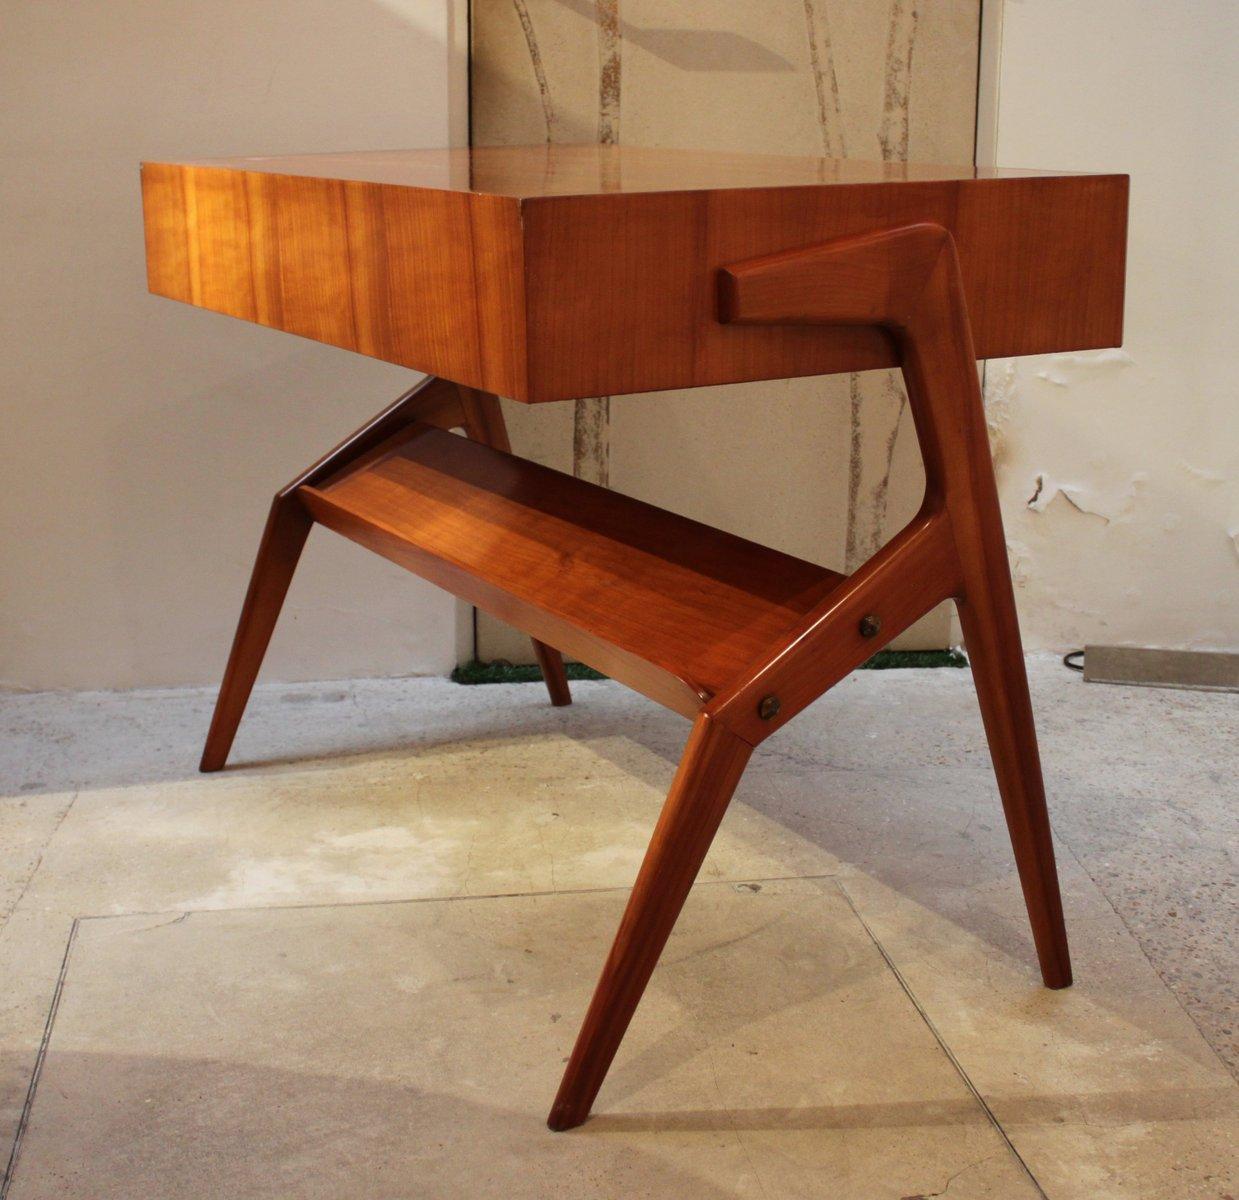 Kleiner kirschholz schreibtisch 1950er bei pamono kaufen for Schreibtisch kirschholz